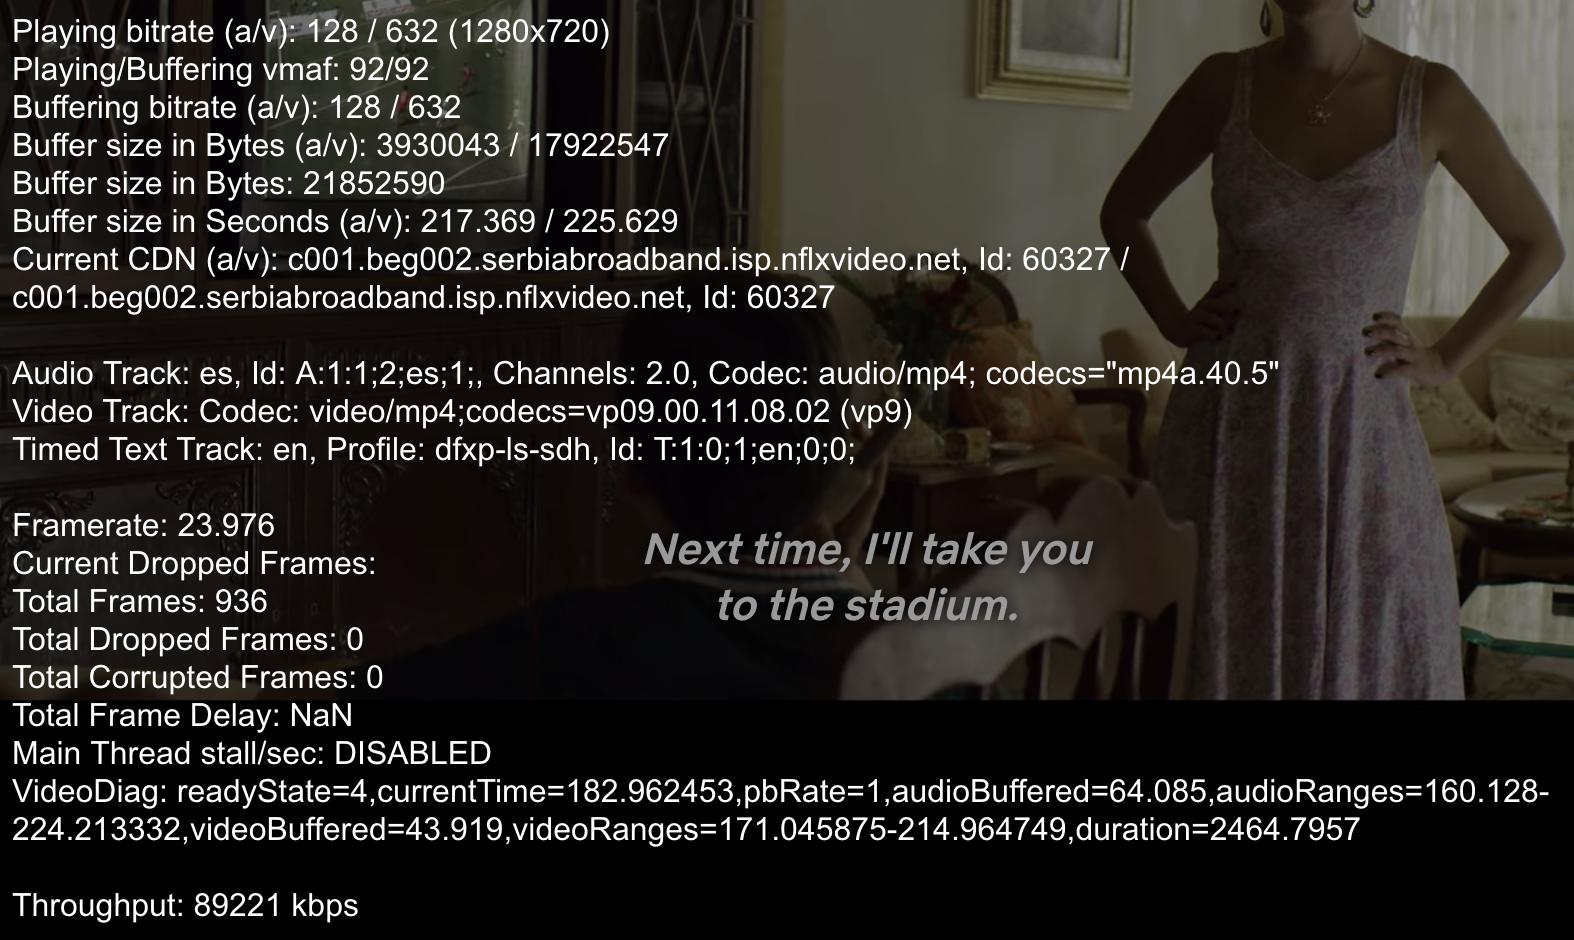 Screenshot 2020-08-11 at 22.21.12.png